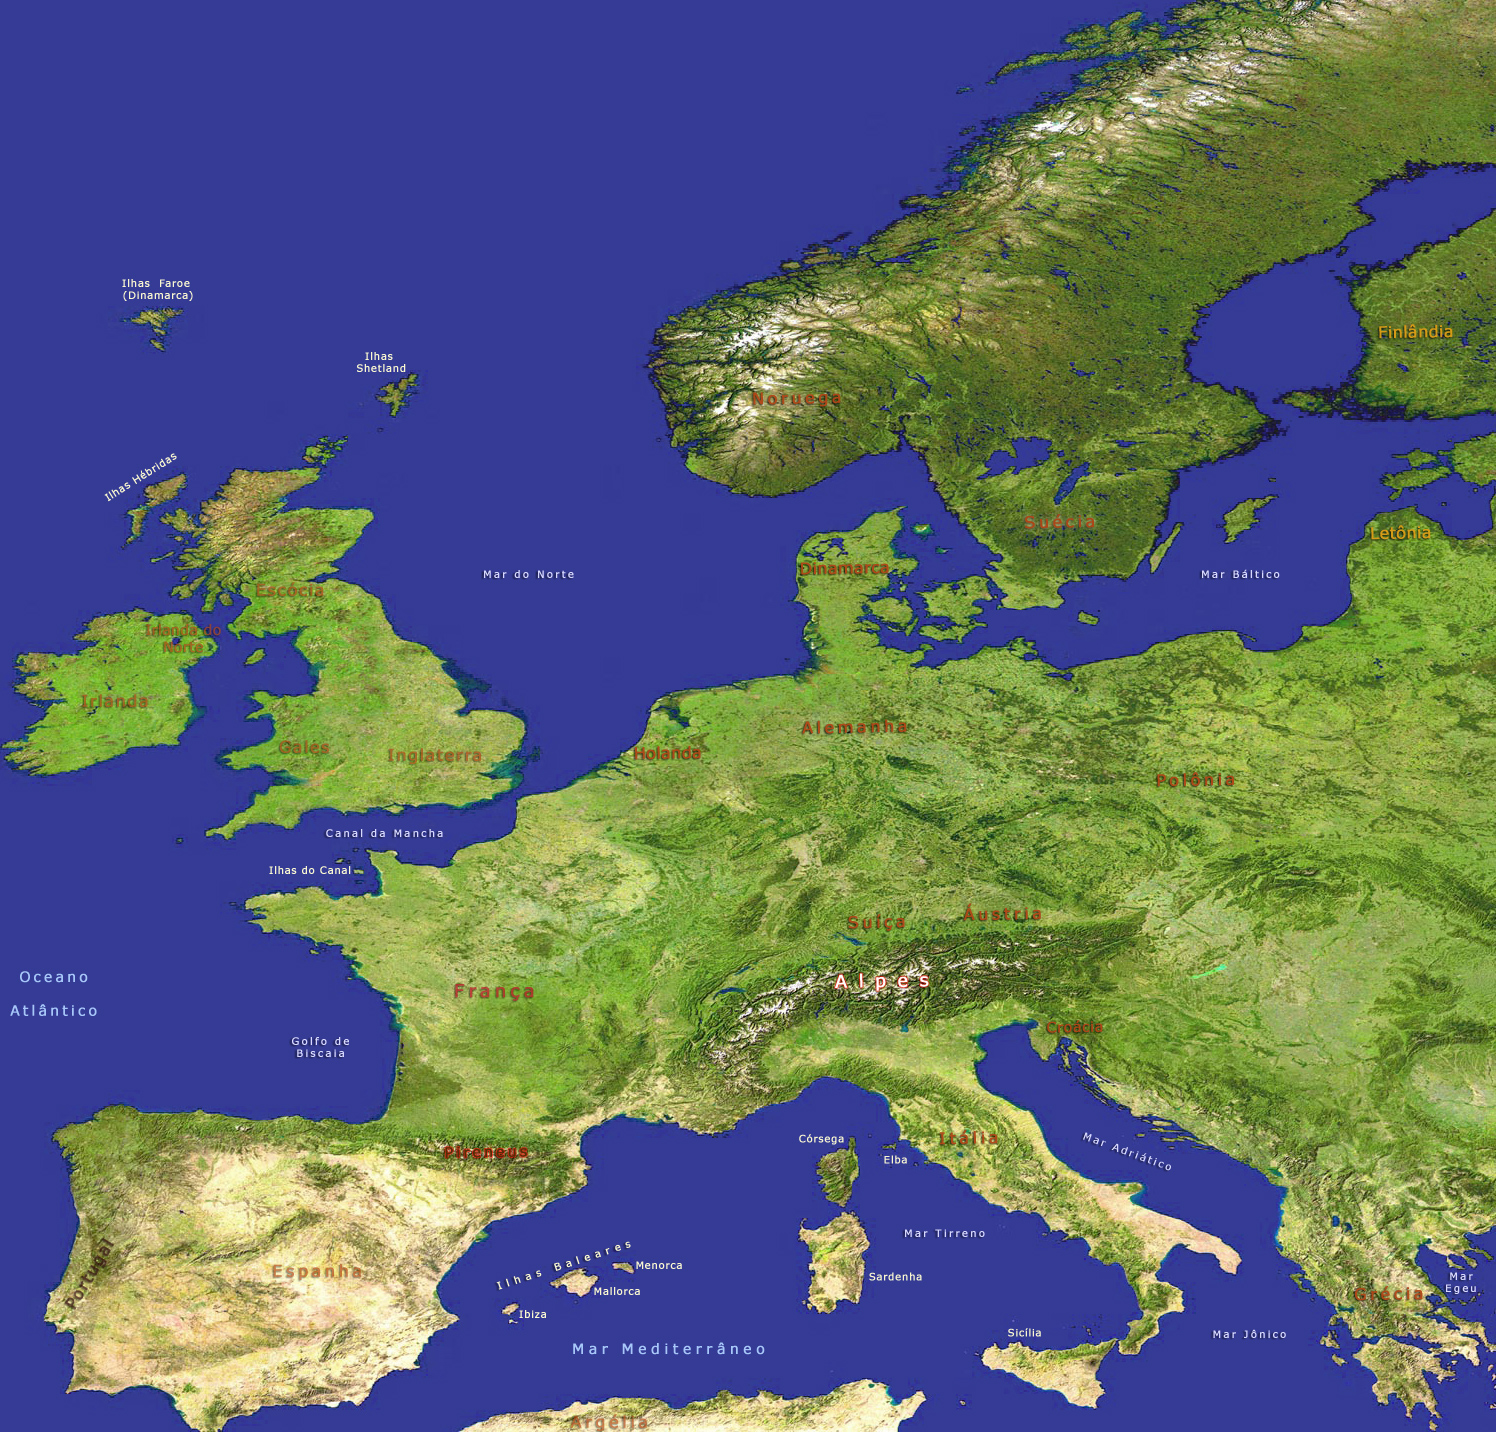 Europa Imagem De Satelite